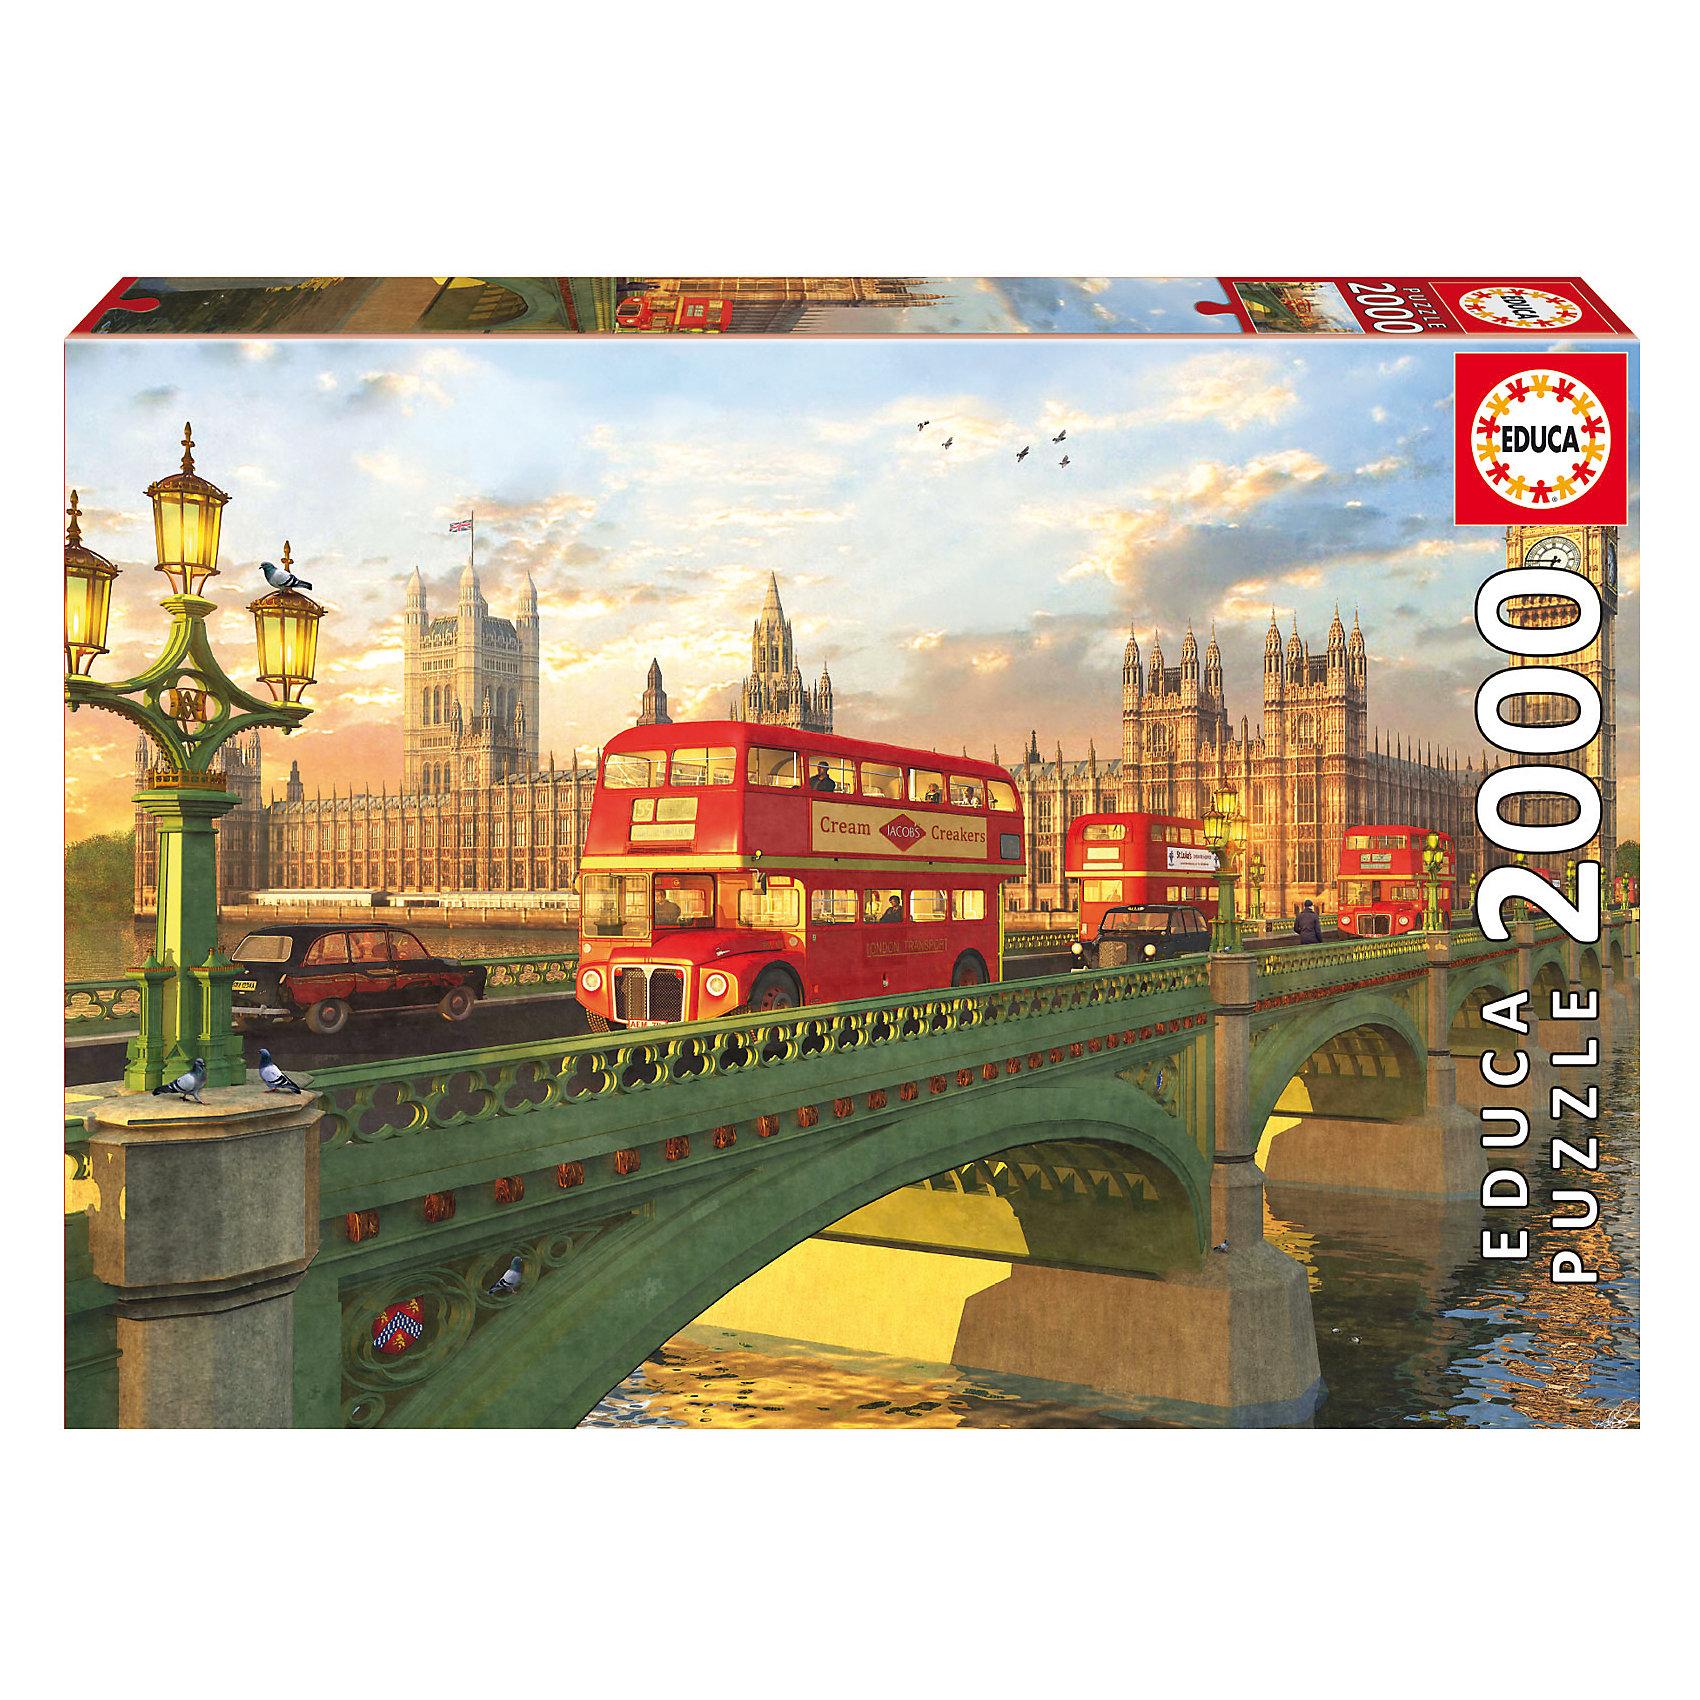 Пазл Вестминстерский мост, Лондон, 2000 деталей, EducaПазл Вестминстерский мост, Лондон, 2000 деталей, Educa (Эдука).<br><br>Характеристики:<br><br>• Размер упаковки: 430х300х55 мм.<br>• Вес: 1378г.<br>• Тип : пазл-мозаика.<br>• Возраст: с 11лет.<br>• 2000 деталей.<br>• Размер собранной картинки: 96 х 68 см.<br>• ISBN: 8412668167773<br>• Материал: картон.<br><br>Пазл Вестминстерский мост, Лондон, 2000 деталей, Educa(Эдука) это великолепный подарок, как для ребенка, так и для взрослого. Большой увлекательный пазл объединит всю семью за интересным занятием, отвлечет от повседневных дел, обучит терпению и внимательности. Пазлы Educa(Эдука)– это не только яркие, интересные изображения, но и высочайшее качество продукции. <br><br>Каждый пазл фирмы Educa(Эдука)изготовлен и упакован с большой тщательностью. Особенности пазлов Educa(Эдука)отсутствие двух одинаковых деталей; части пазла идеально соединяются; прочные детали не ломаются; изготовлены из экологического сырья.<br><br>Пазл Вестминстерский мост, Лондон, 2000 деталей, Educa(Эдука), можно купить в нашем интернет – магазине.<br><br>Ширина мм: 430<br>Глубина мм: 300<br>Высота мм: 55<br>Вес г: 1378<br>Возраст от месяцев: 36<br>Возраст до месяцев: 2147483647<br>Пол: Унисекс<br>Возраст: Детский<br>SKU: 5436310